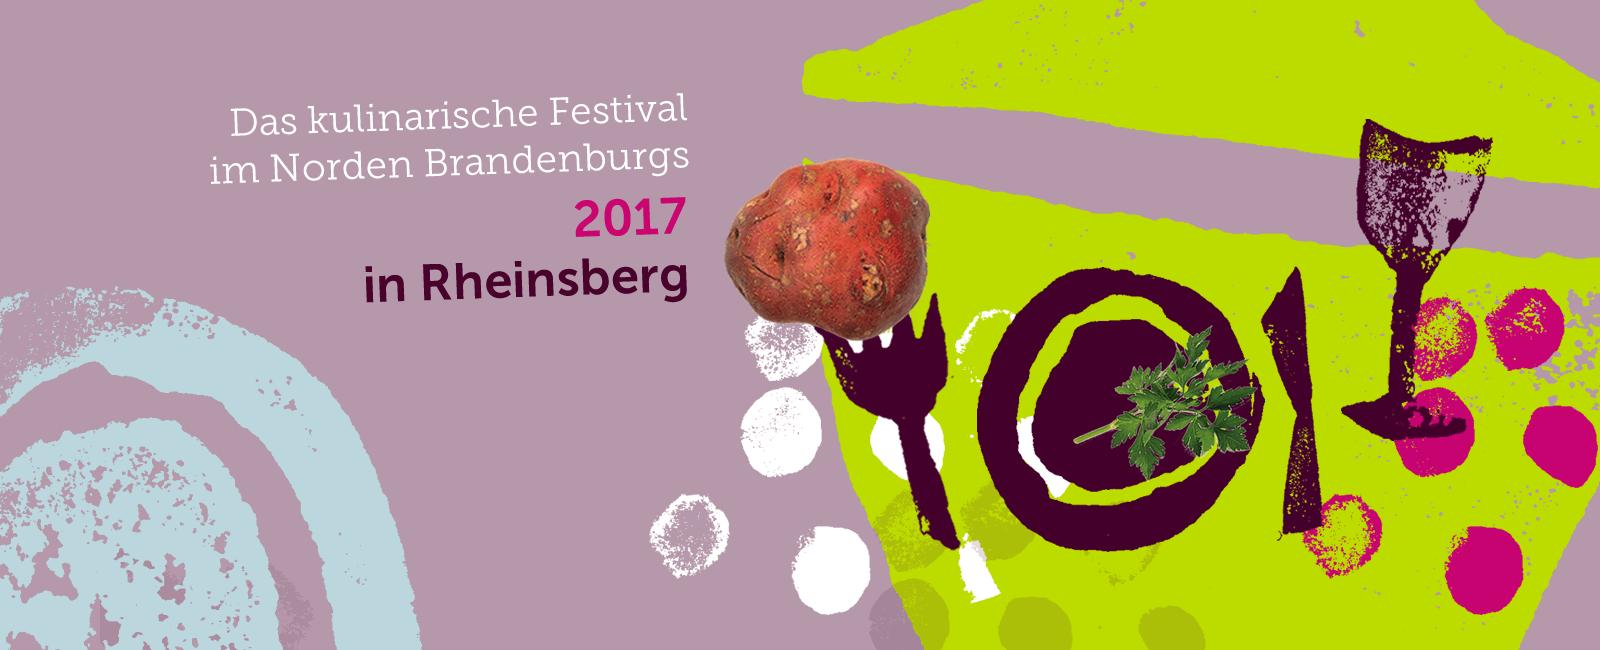 Banner-Solanum-Festival-2017_1